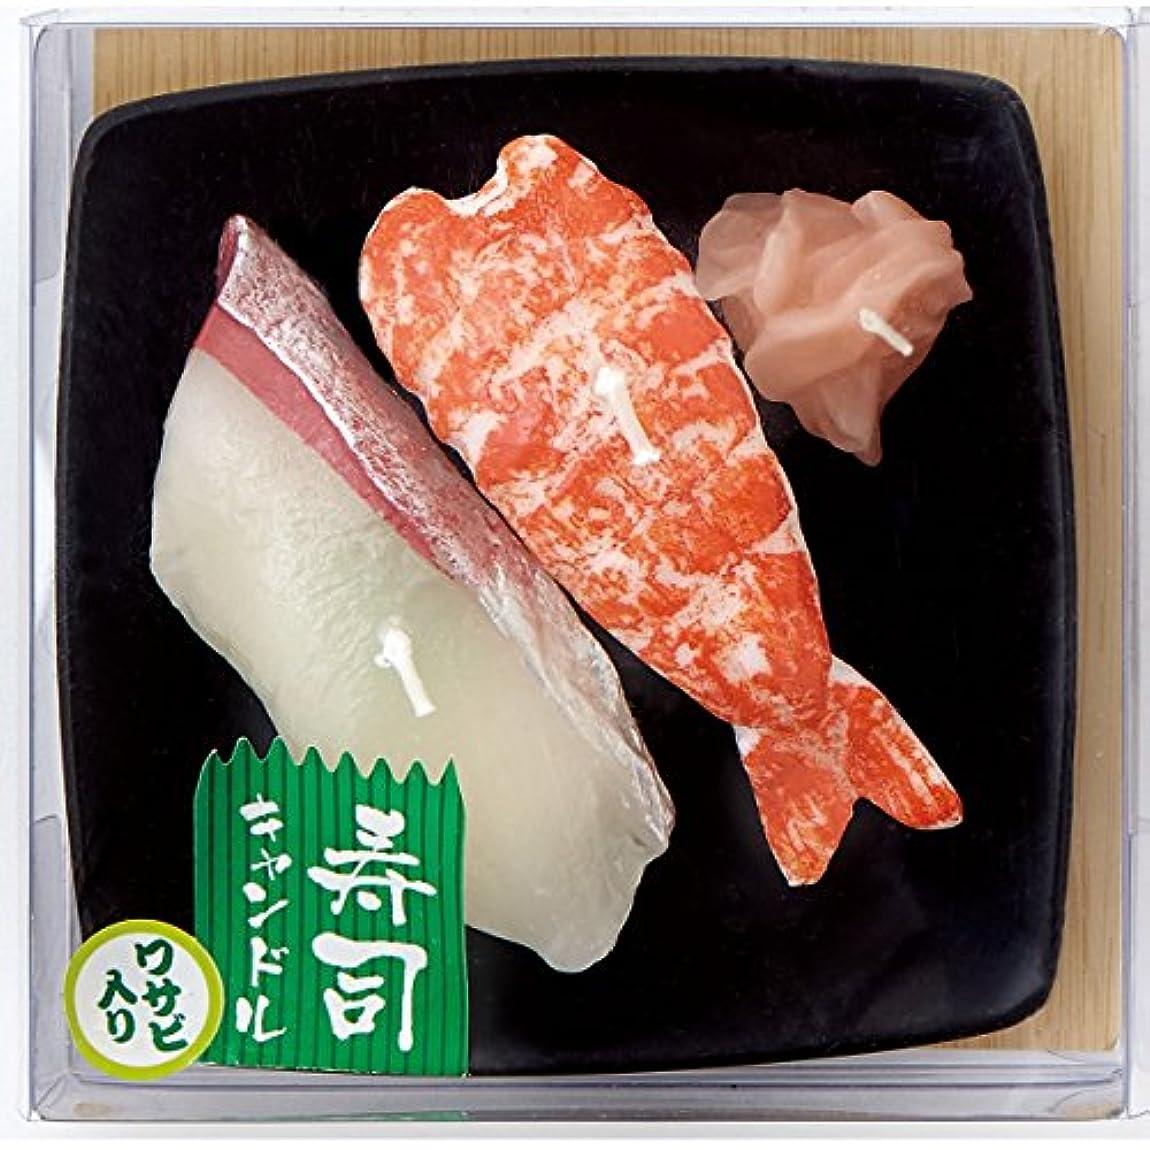 ワーム期待して補正寿司キャンドル B(エビ?ハマチ) サビ入